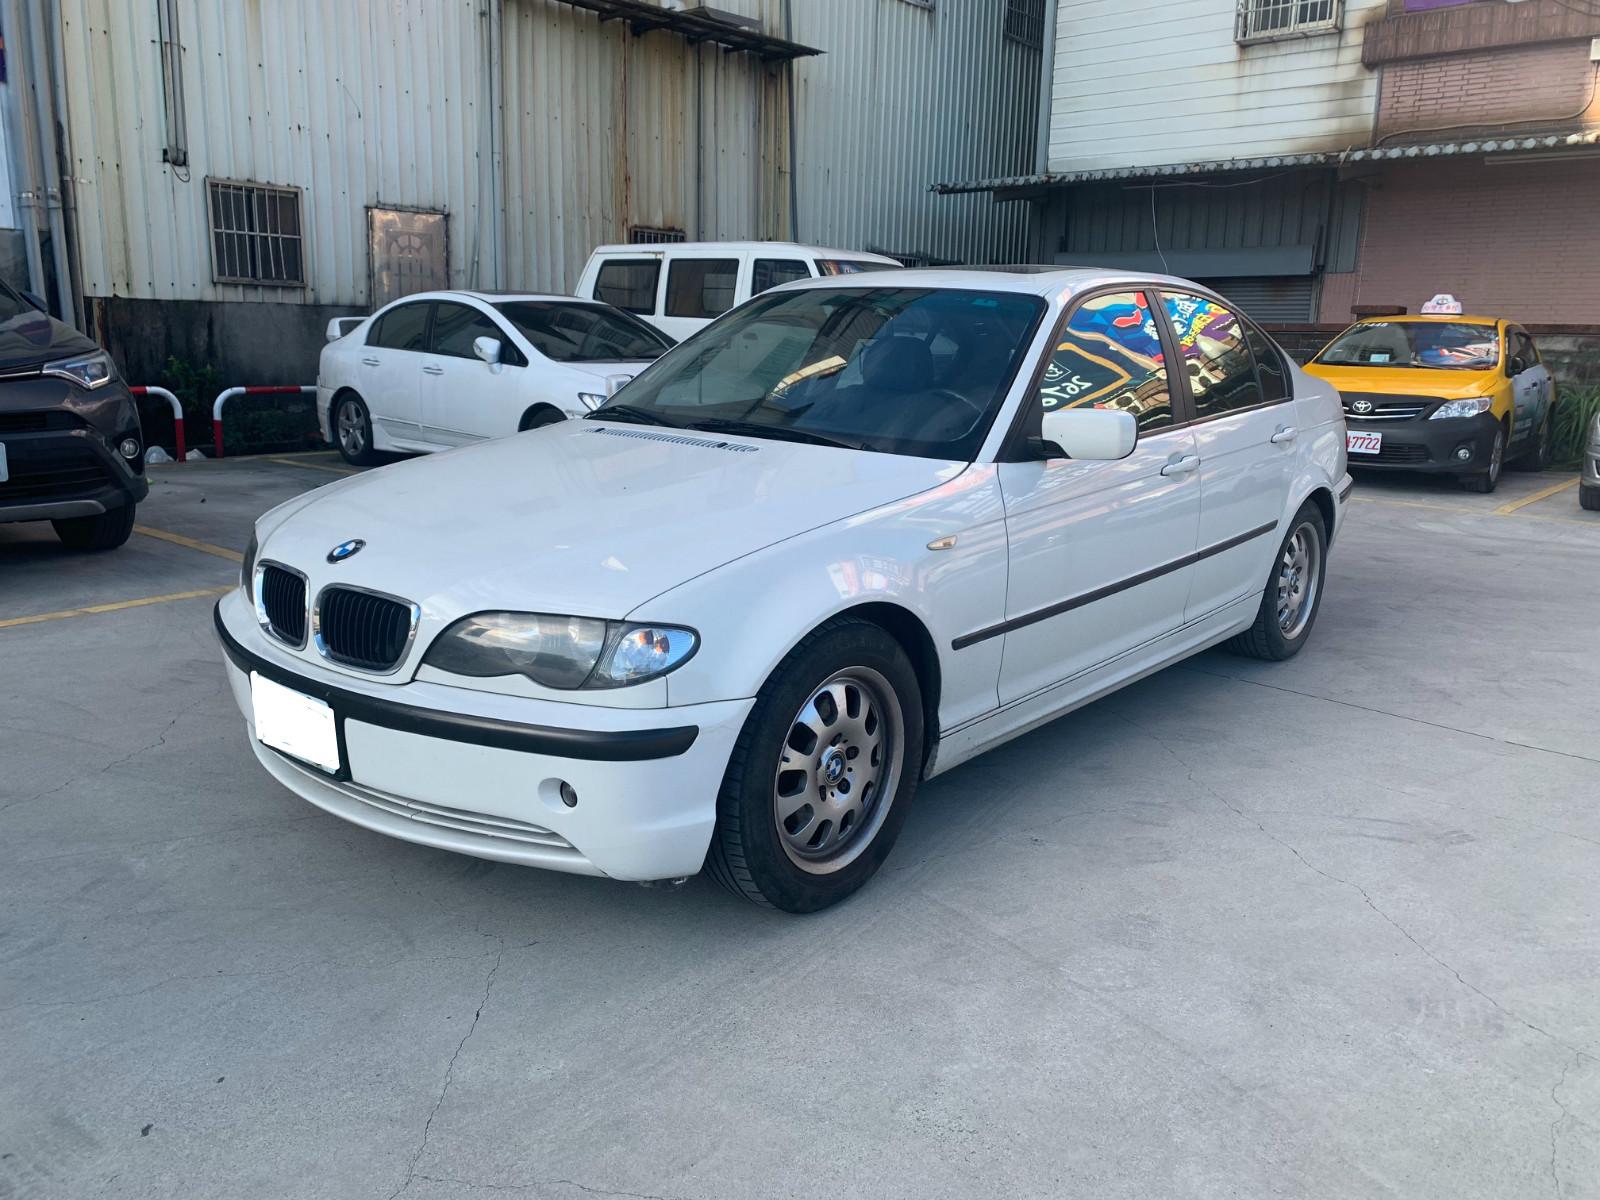 2003 BMW 寶馬 3-series sedan